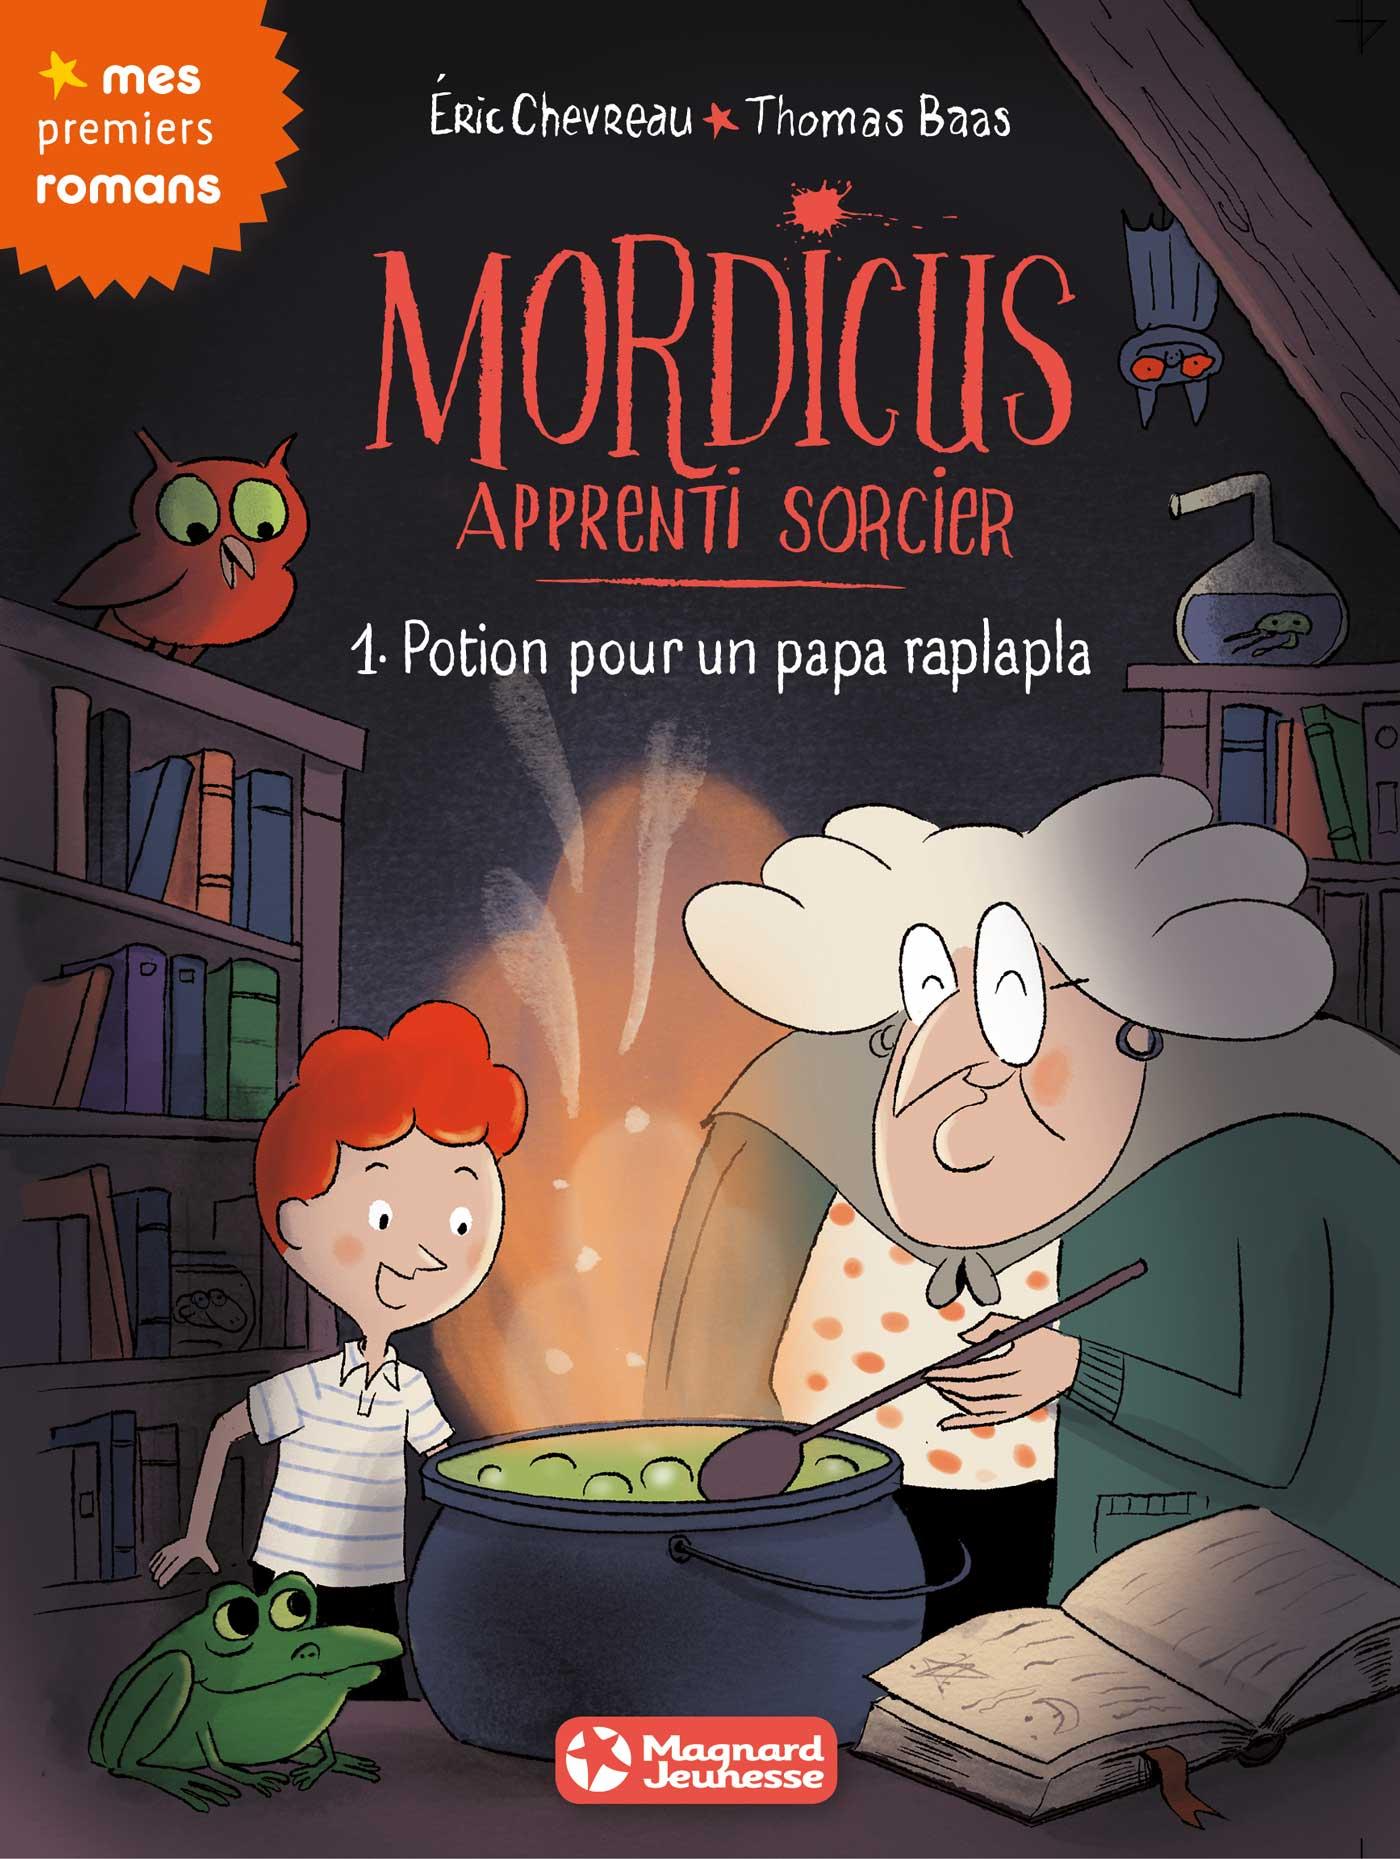 Miniature - Mordicus, apprenti sorcier – tome 1 : potion pour papa raplapla